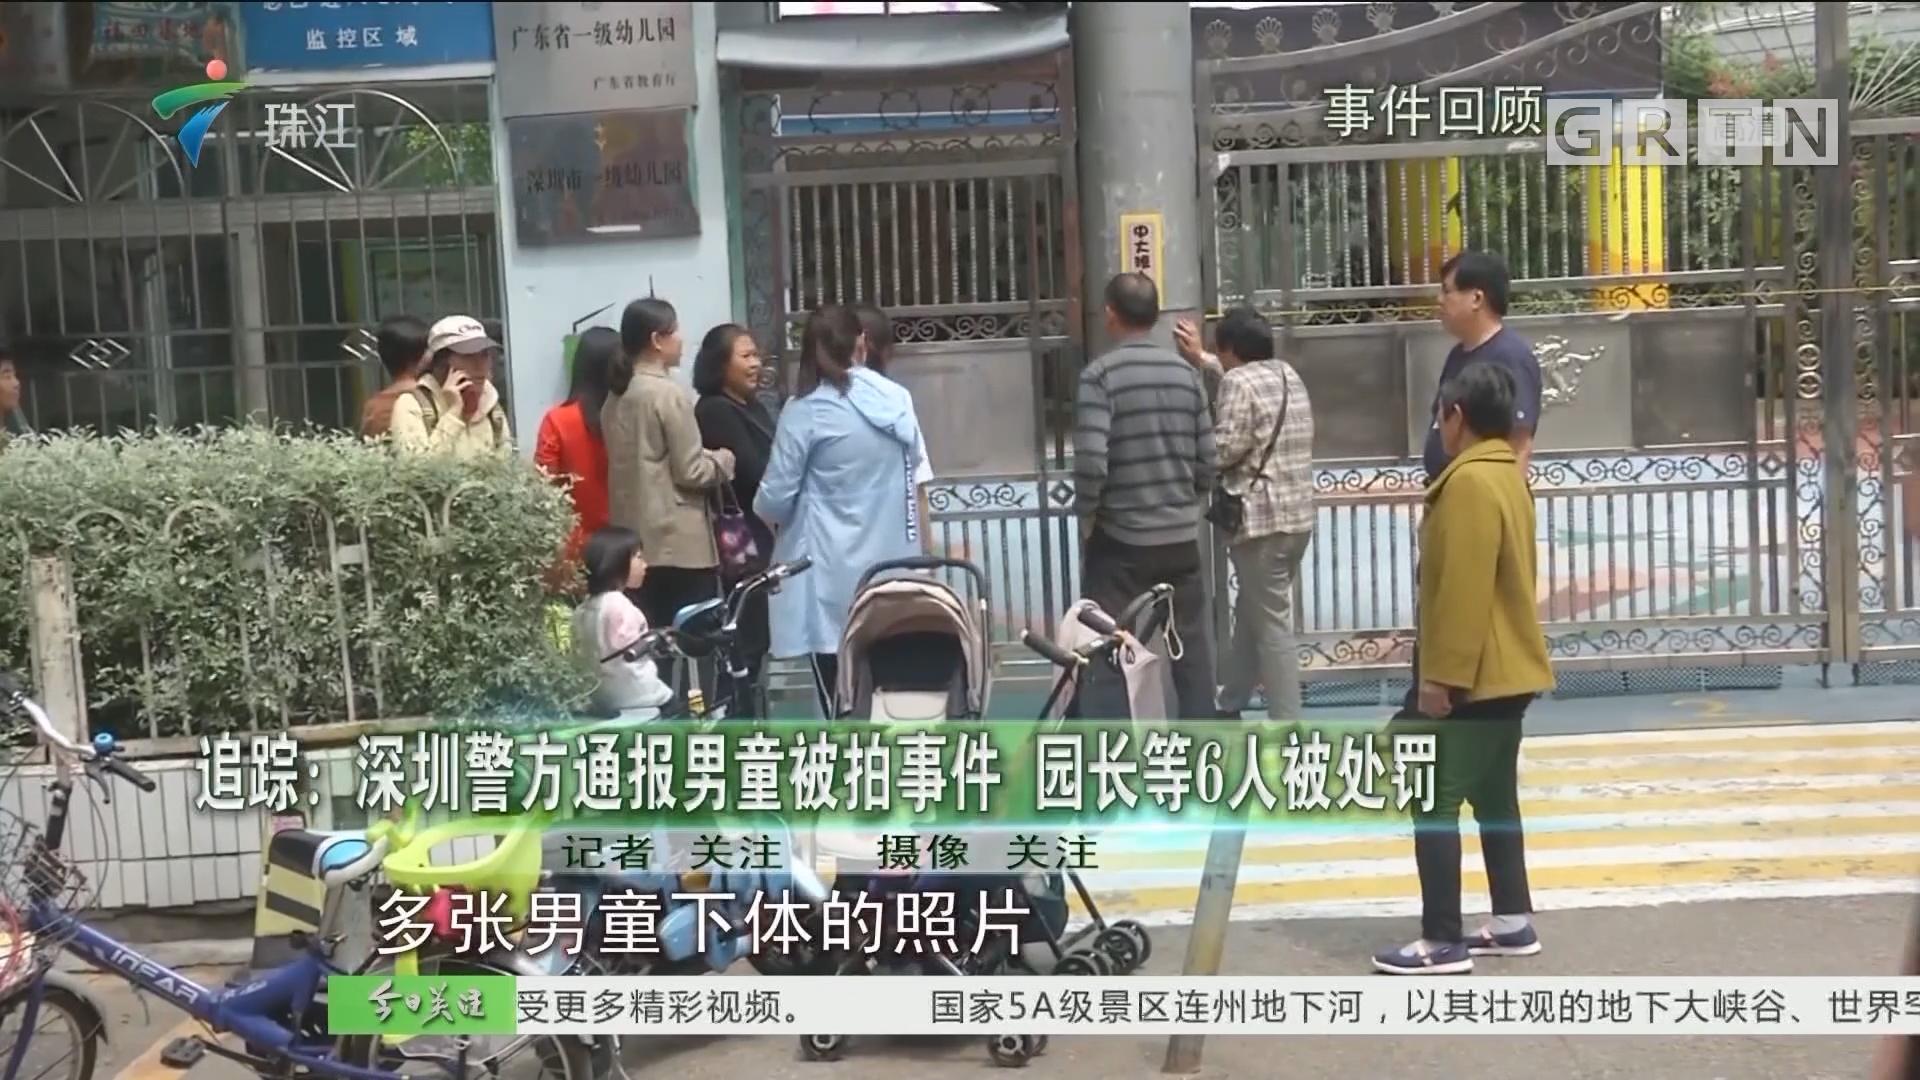 追踪:深圳警方通报男童被拍事件 园长等6人被处罚